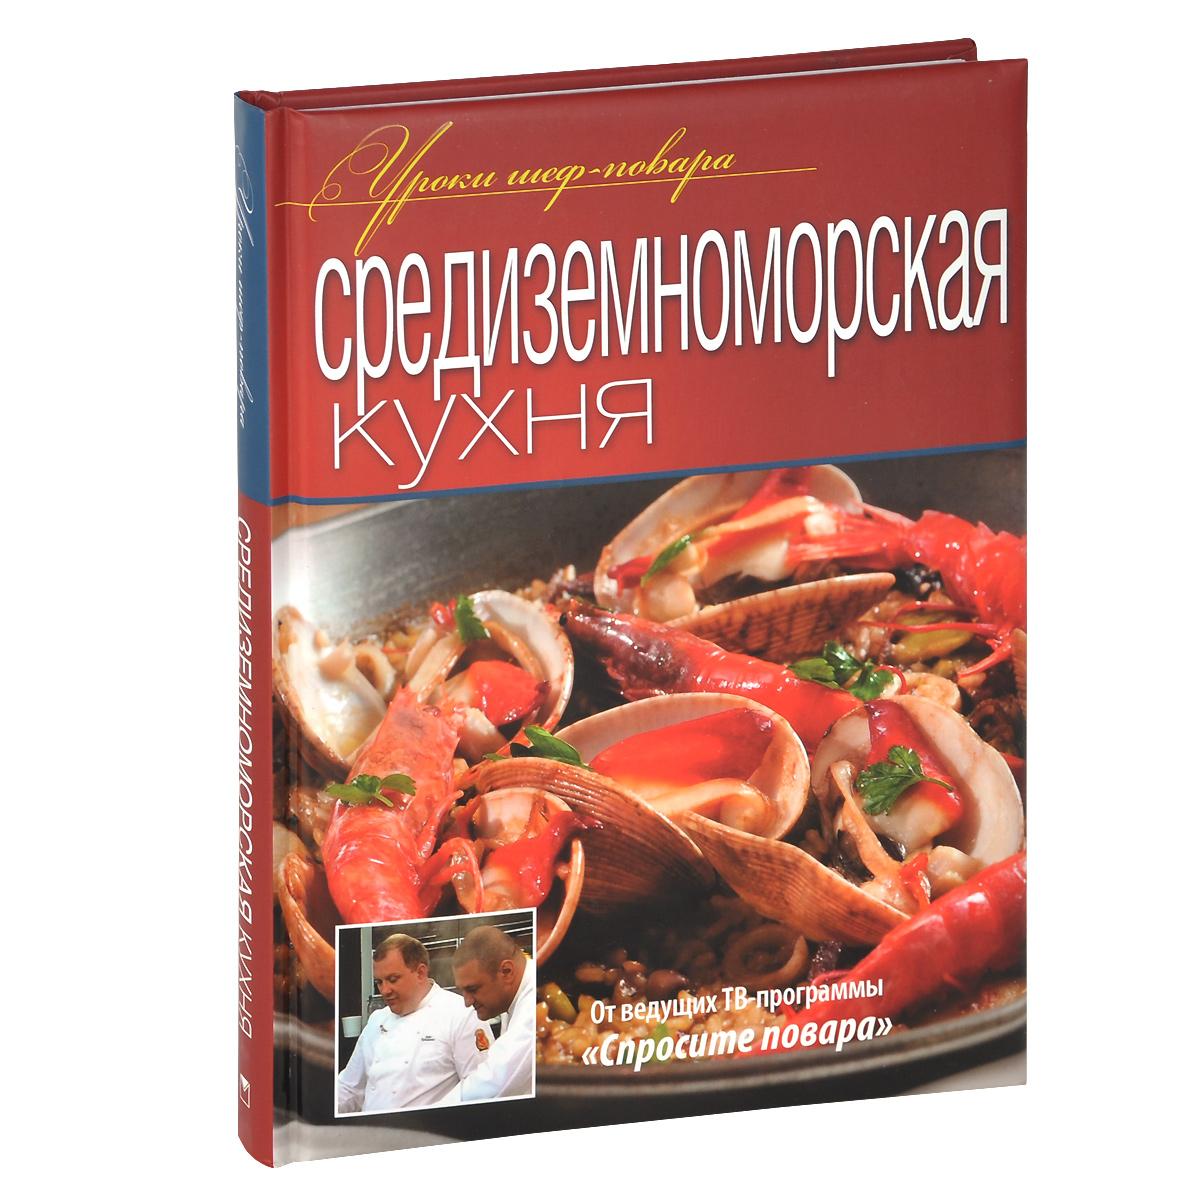 Средиземноморская кухня китель шеф повара москва